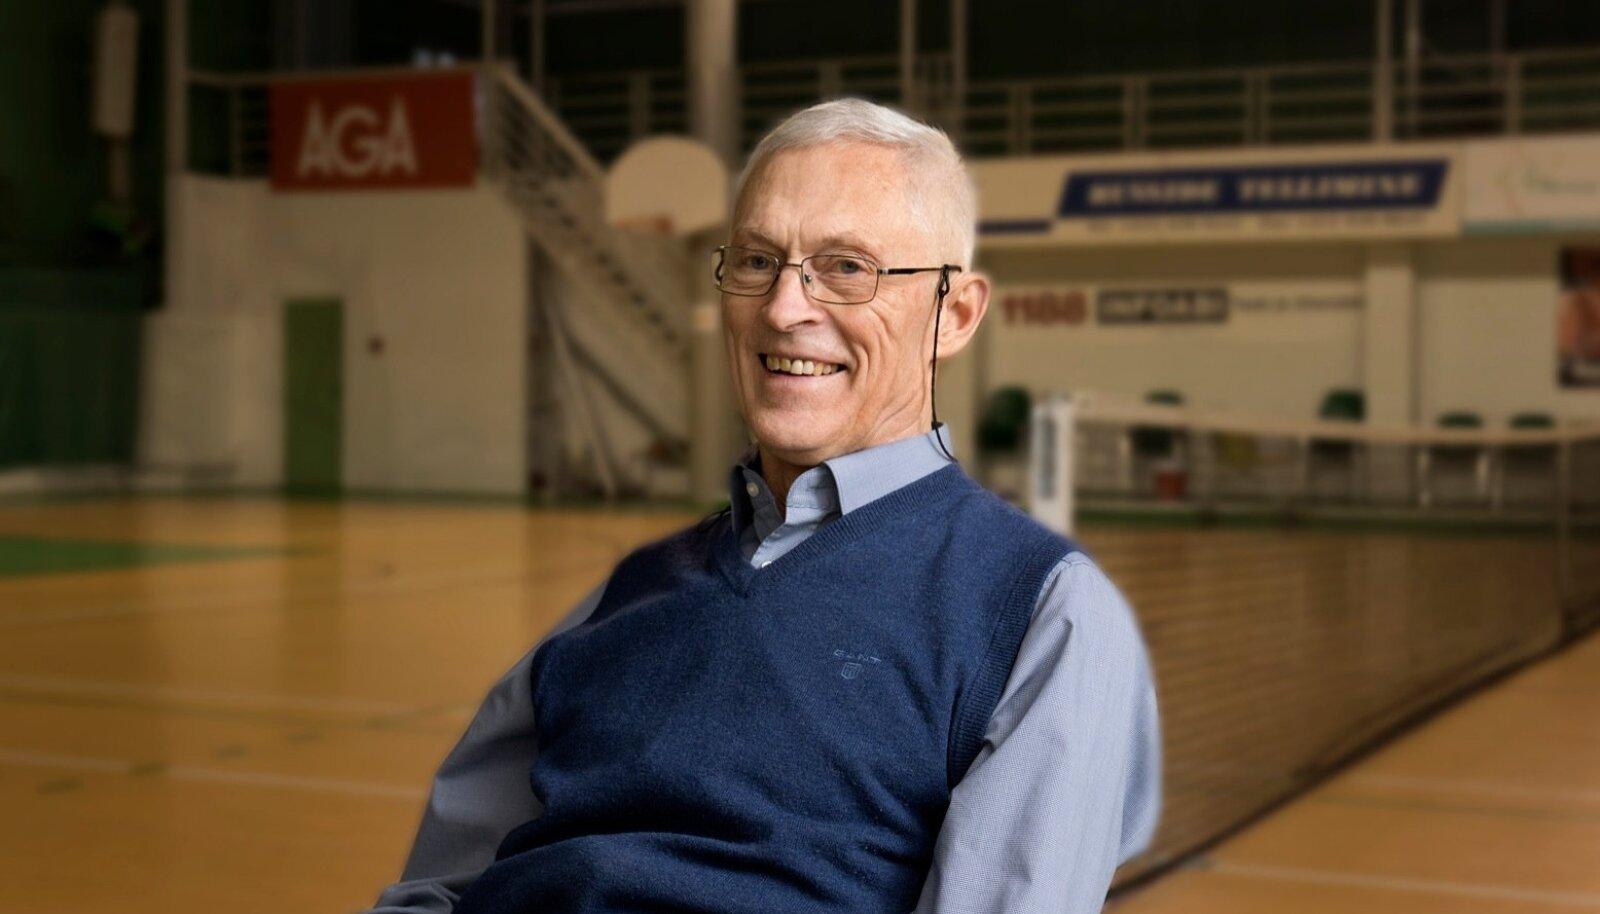 """""""Ei jookse me enam midagi, jah. Pigem kulgeme,"""" naerab paljude arvates Eesti kõigi aegade parim korvpallur Priit Tomson, kui kaks korda nädalas Kadaka spordihallis toimuvaid veteranide korvpallitreeninguid kirjeldab."""